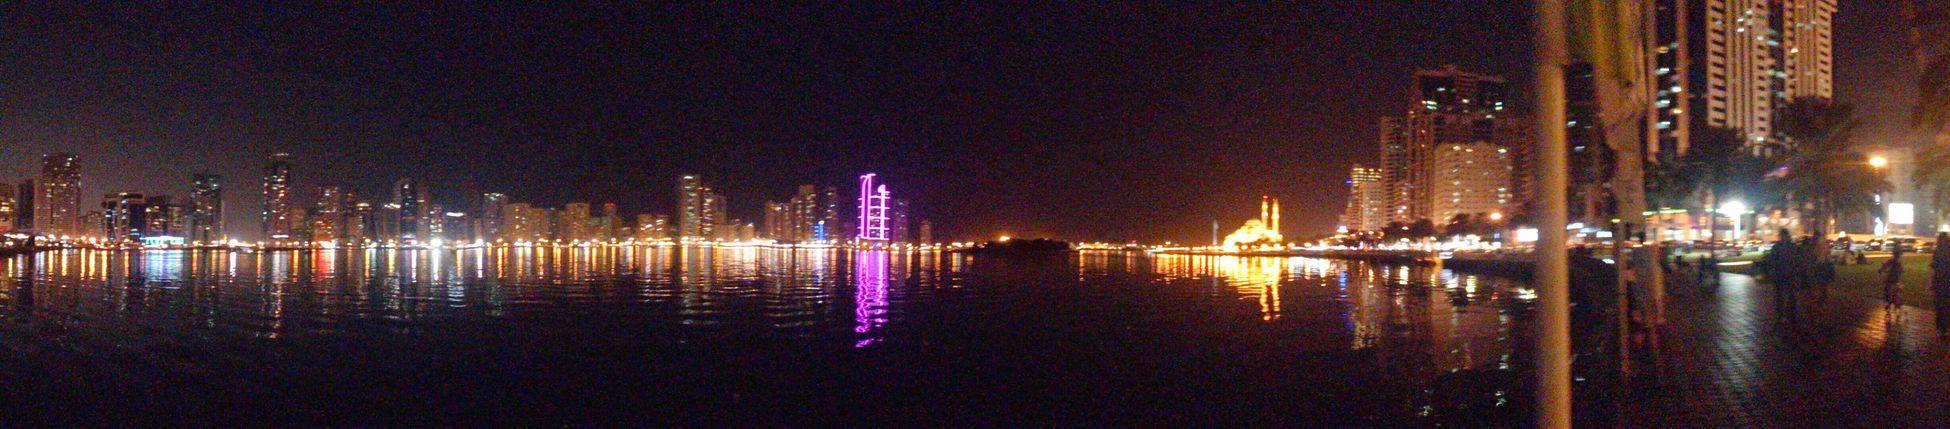 الشارقة بانورما من كورنيش بحيرة خالد منظر ليلي Hz339 A View From Sharjah Panorama Streamzoofamily